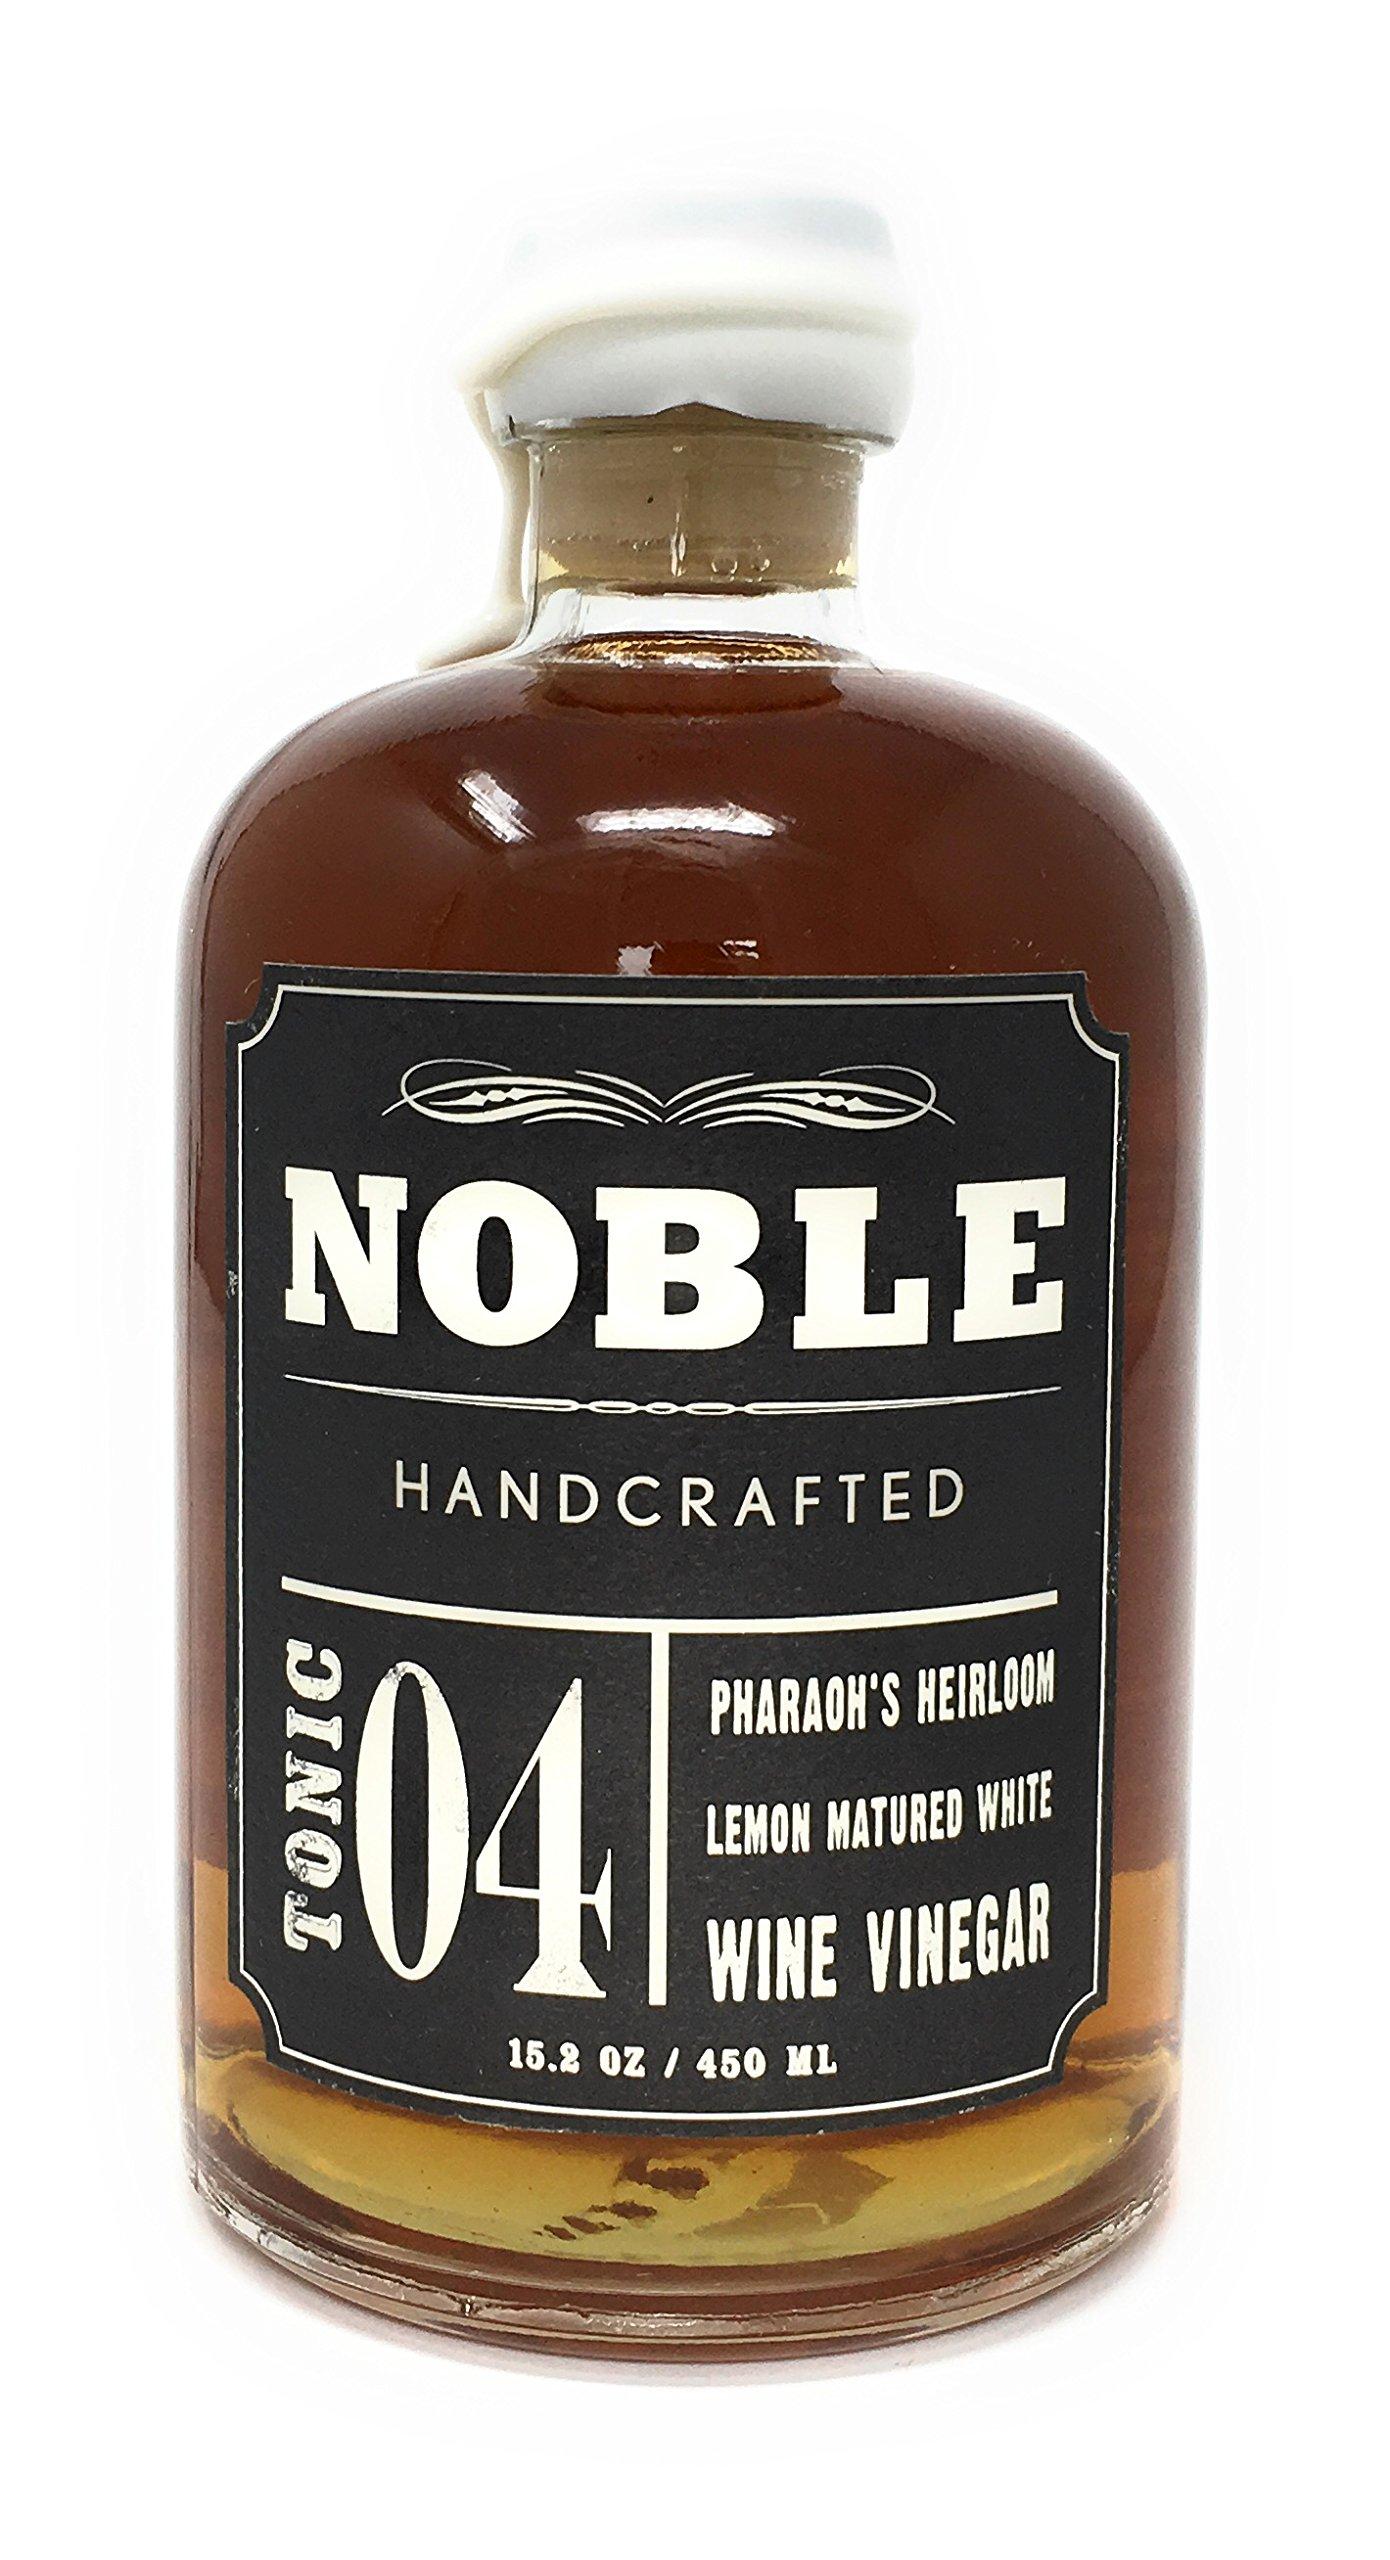 Noble Tonic 04 Pharaohs Heirloom Lemon Matured White Wine Vinegar, 15.2 oz by Noble Handcrafted